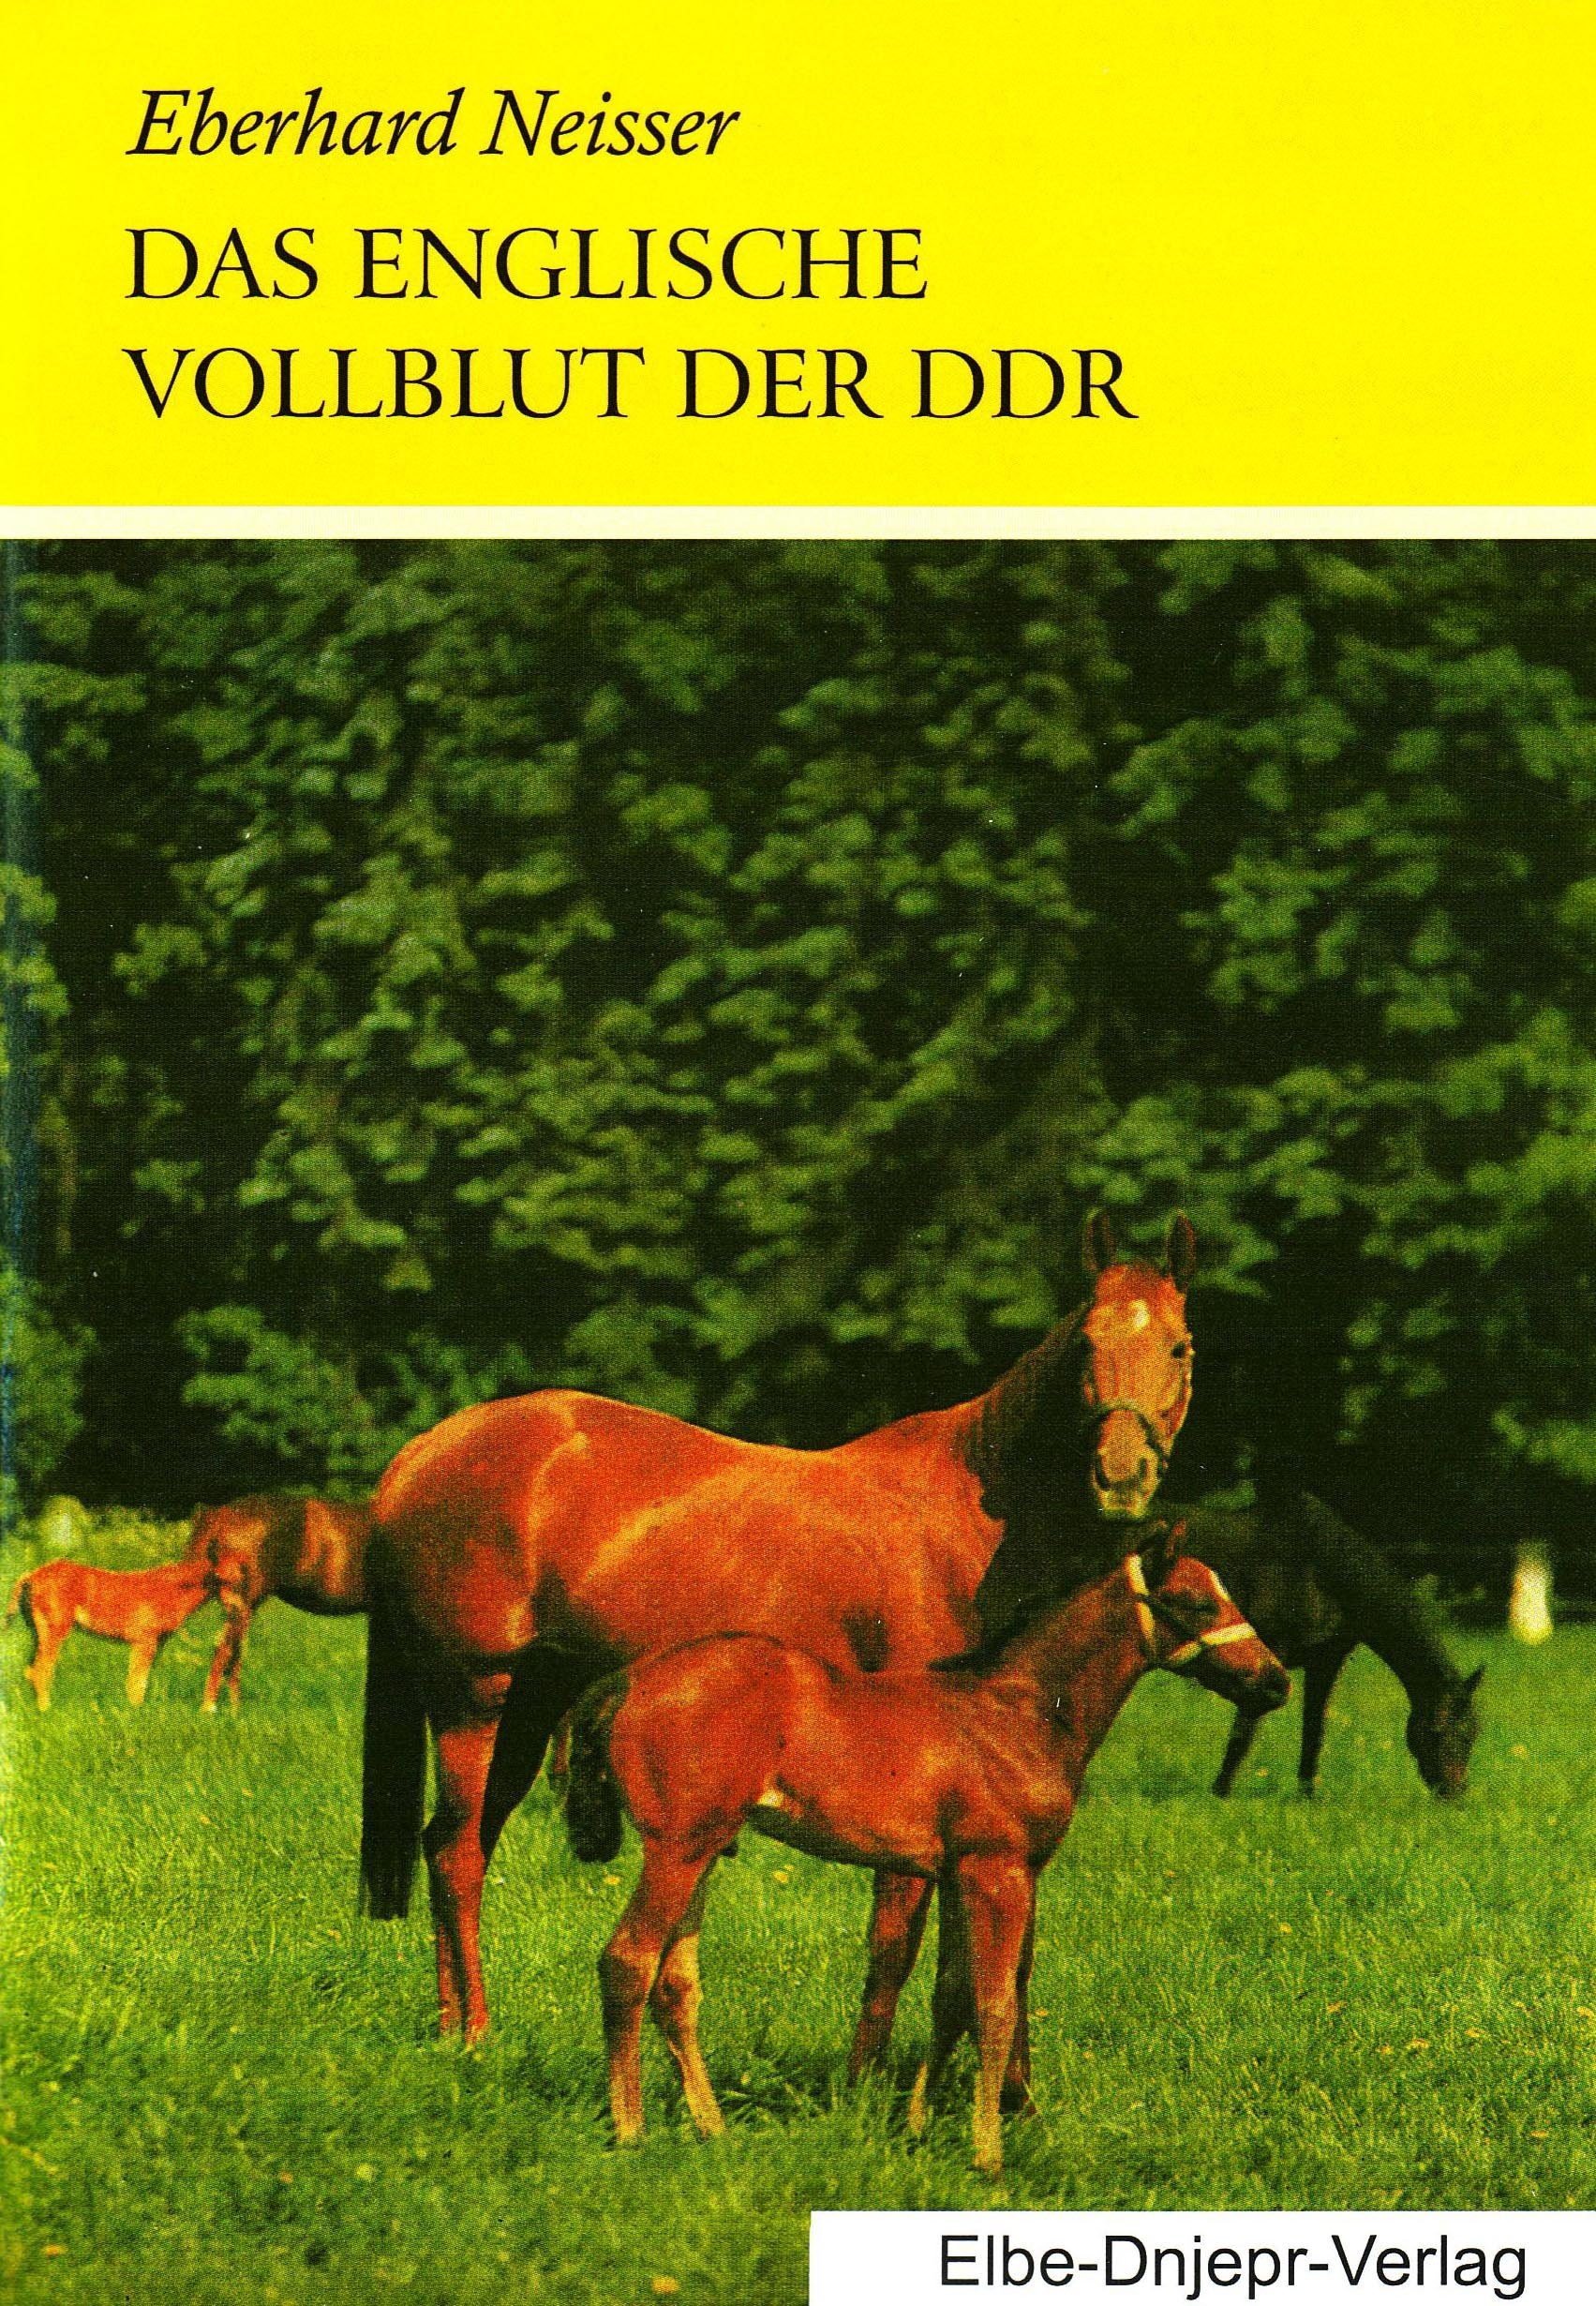 Das Englische Vollblut der DDR